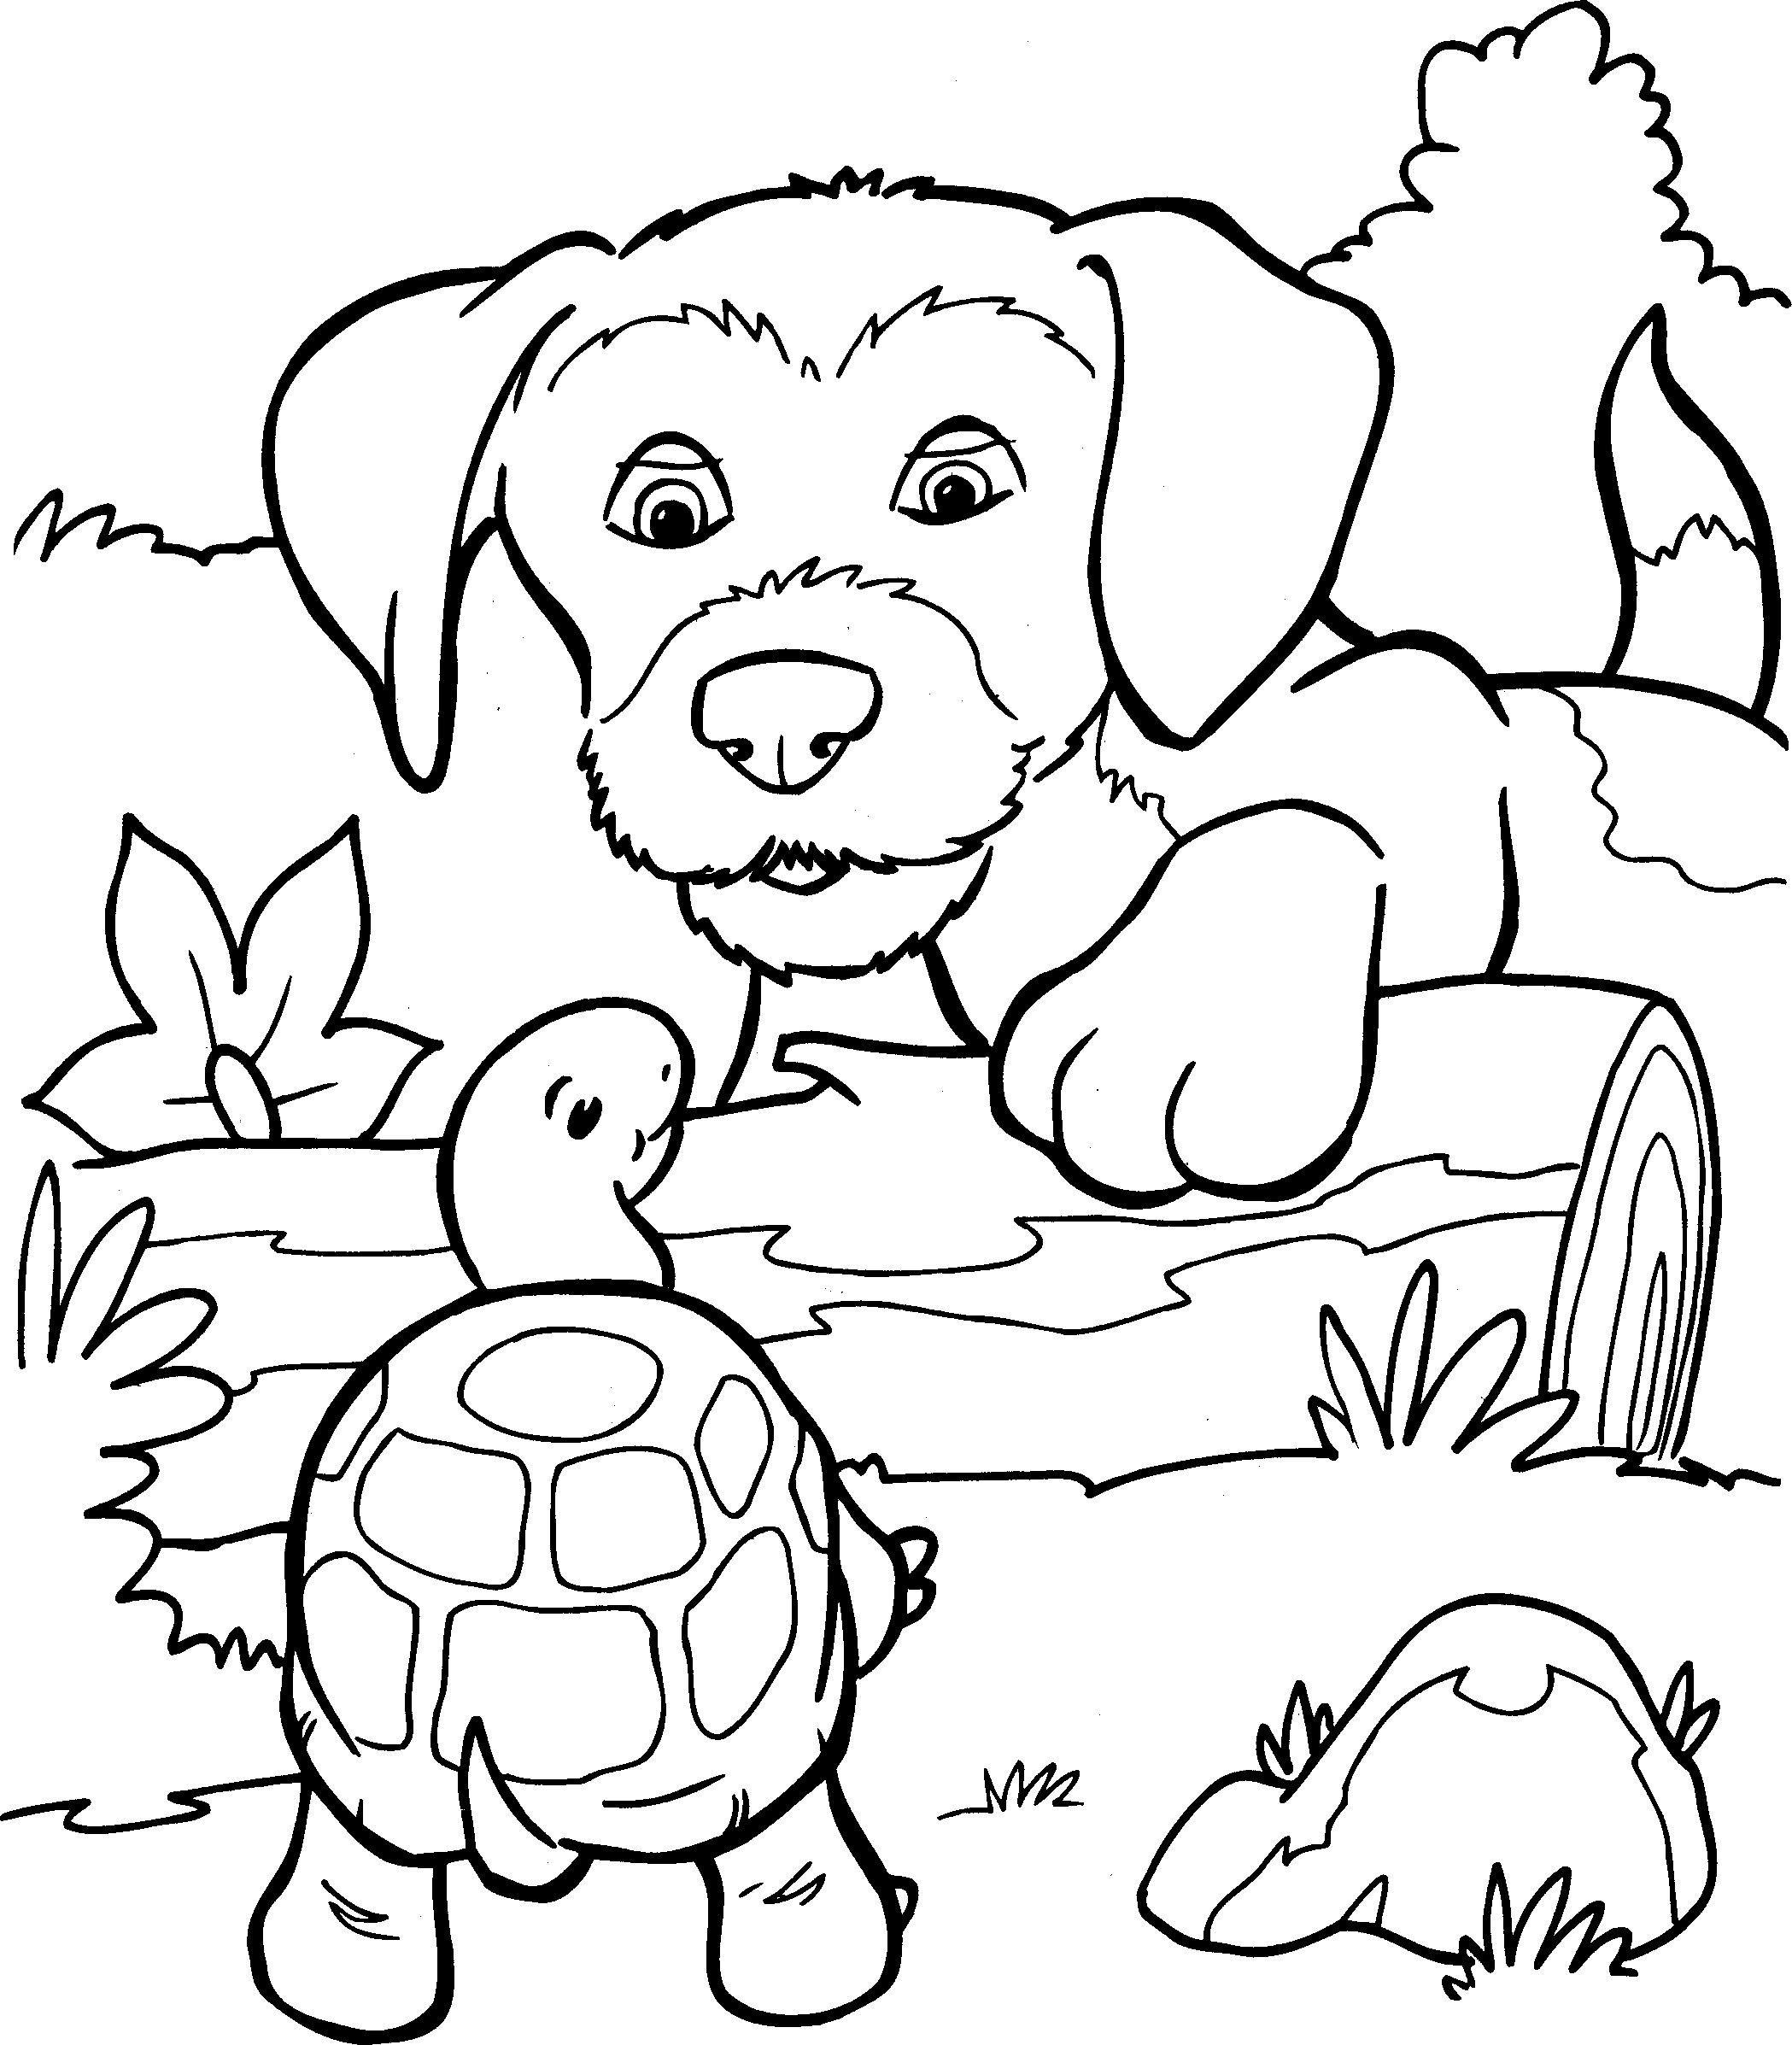 Kleurplaat Hond Kleurplaten Voor Kinderen Kleurplaten Kinderkleurplaten